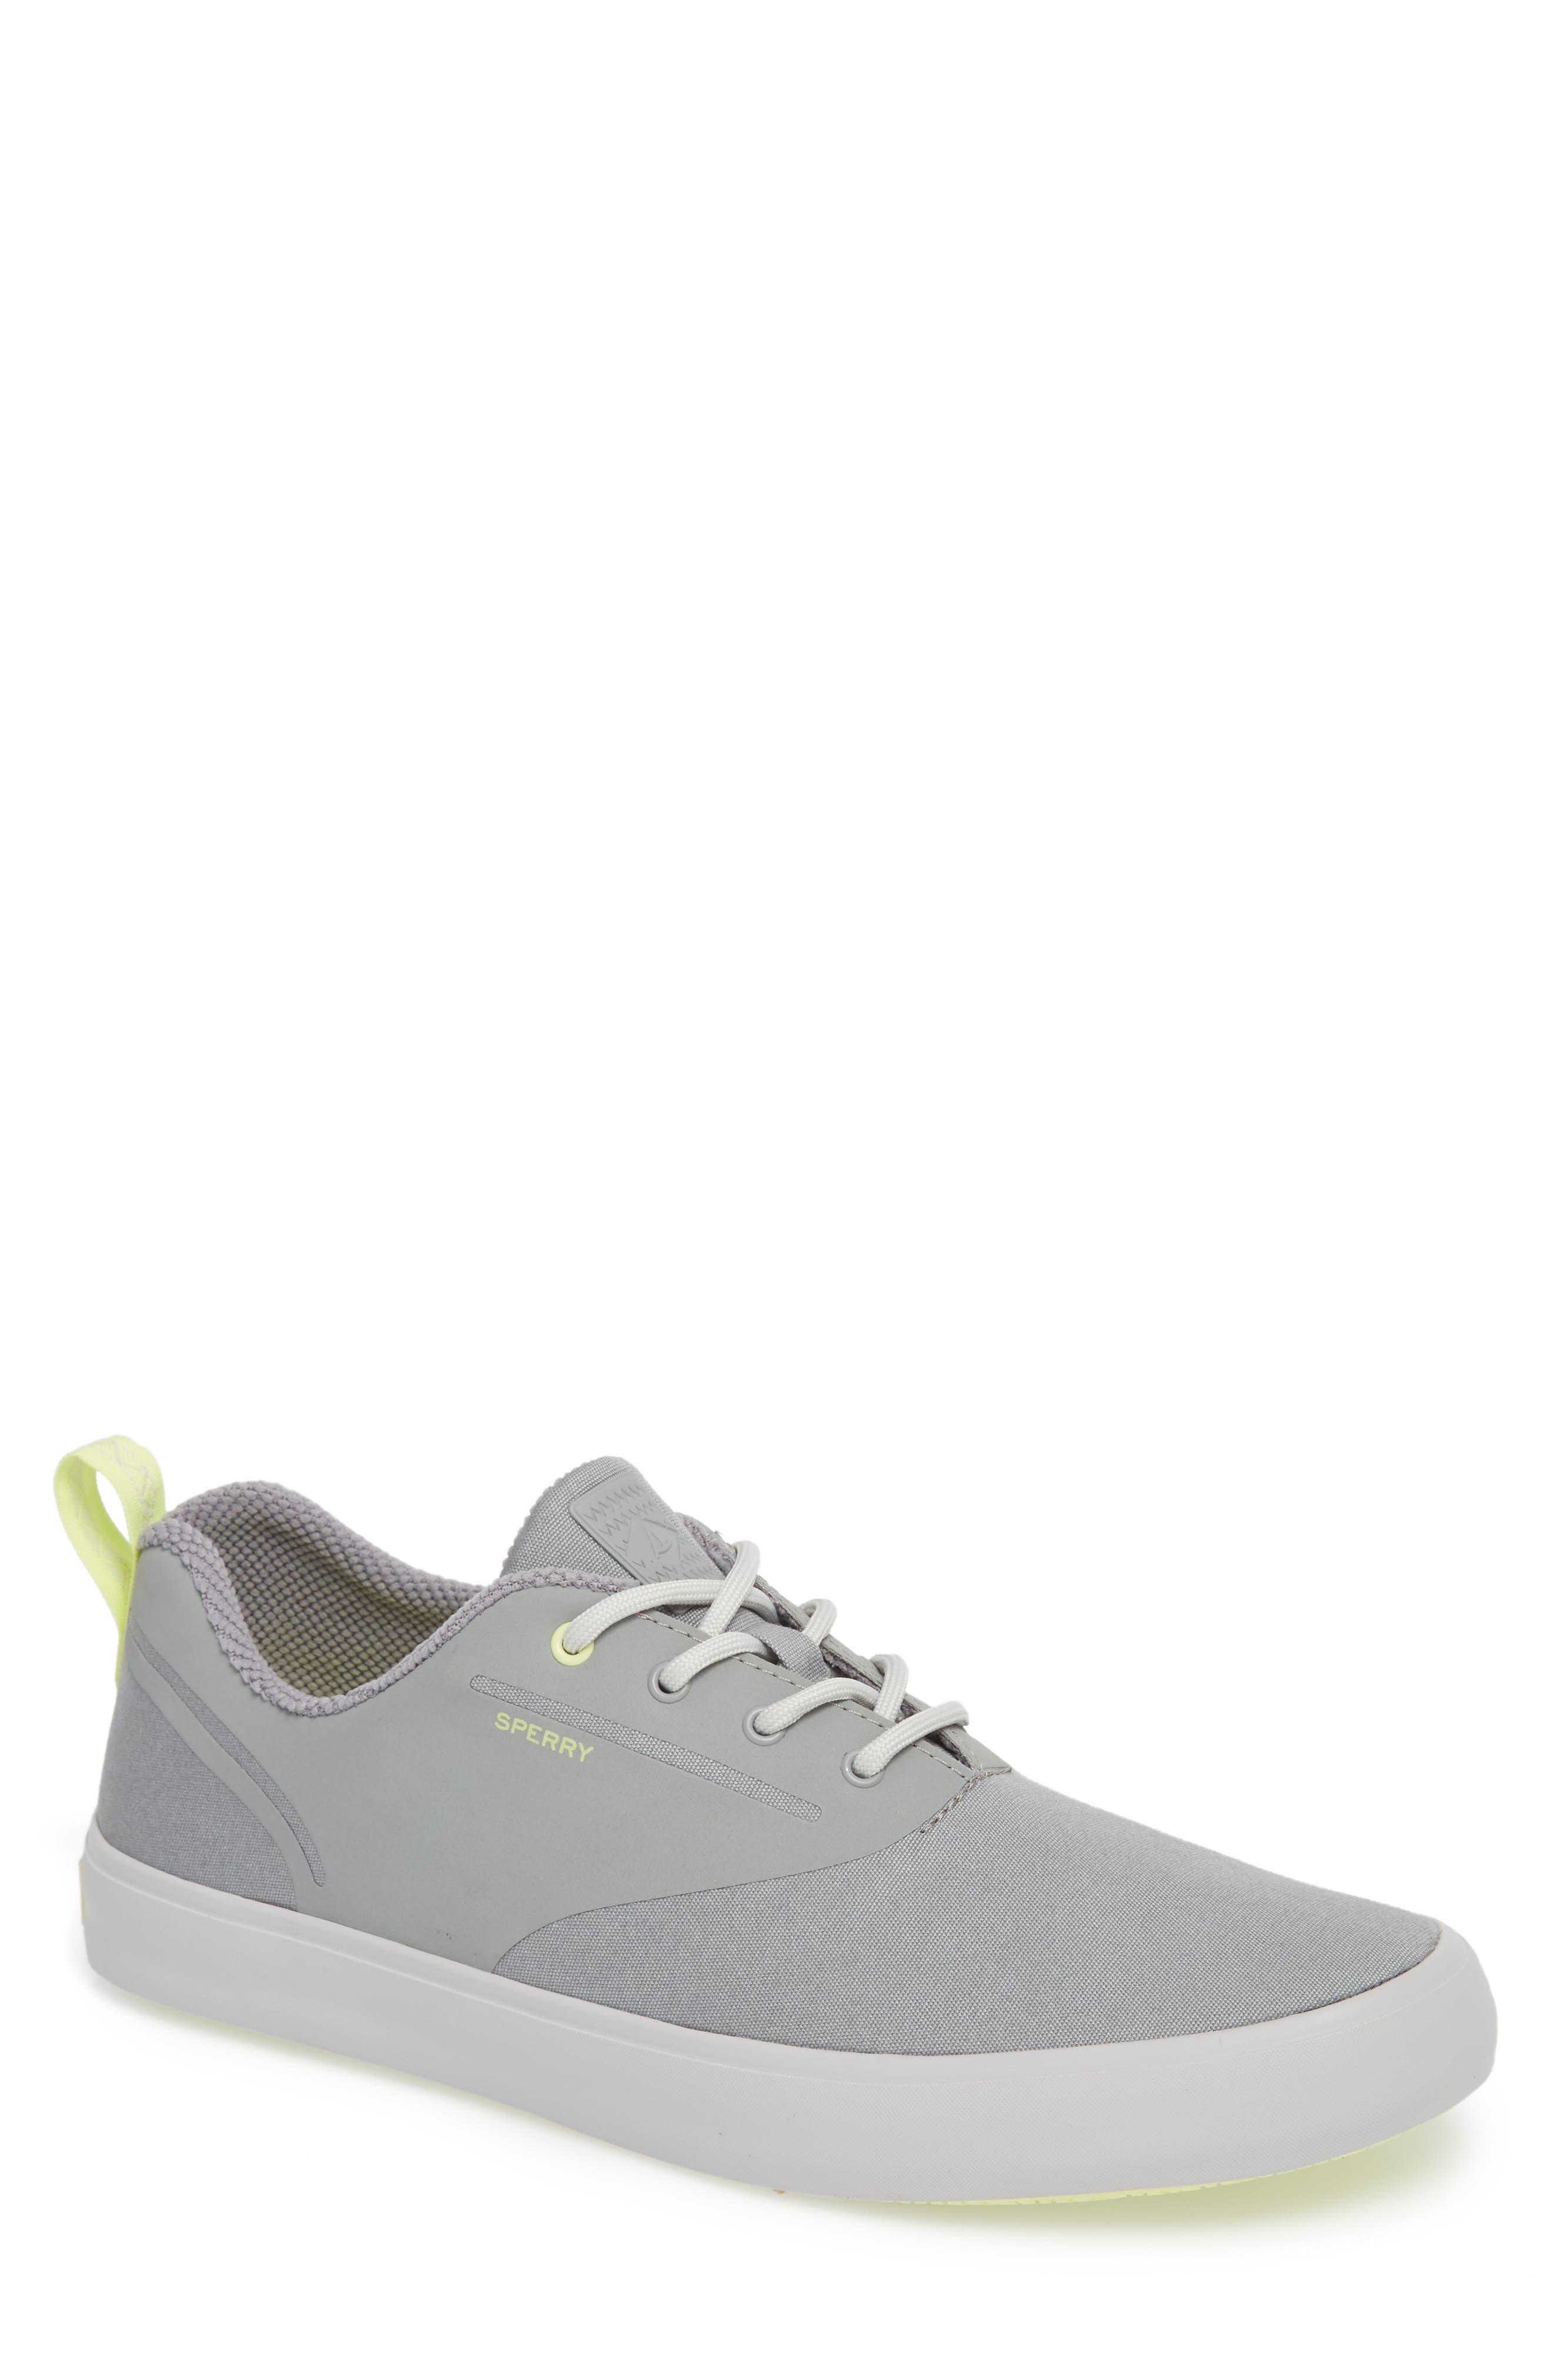 SPERRY Flex Deck CVO Sneaker, Main, color, GREY